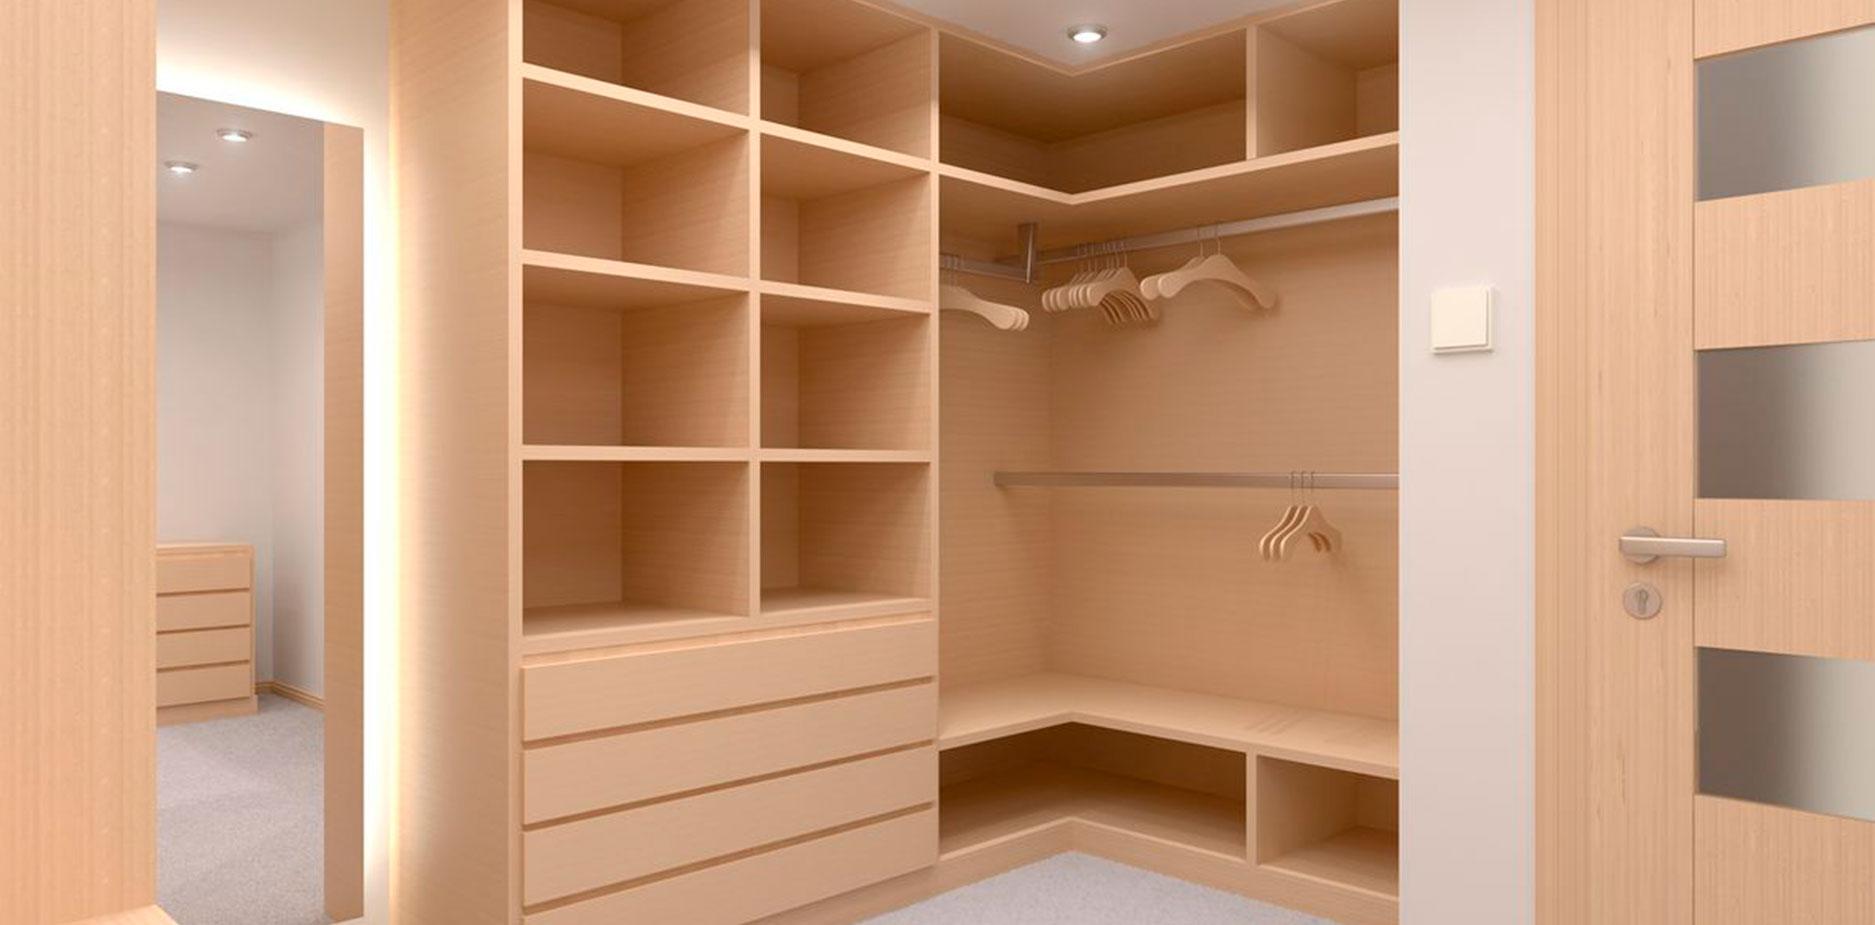 Fabrica de muebles a medidad muebles de ba o muebles - Muebles a medida ...